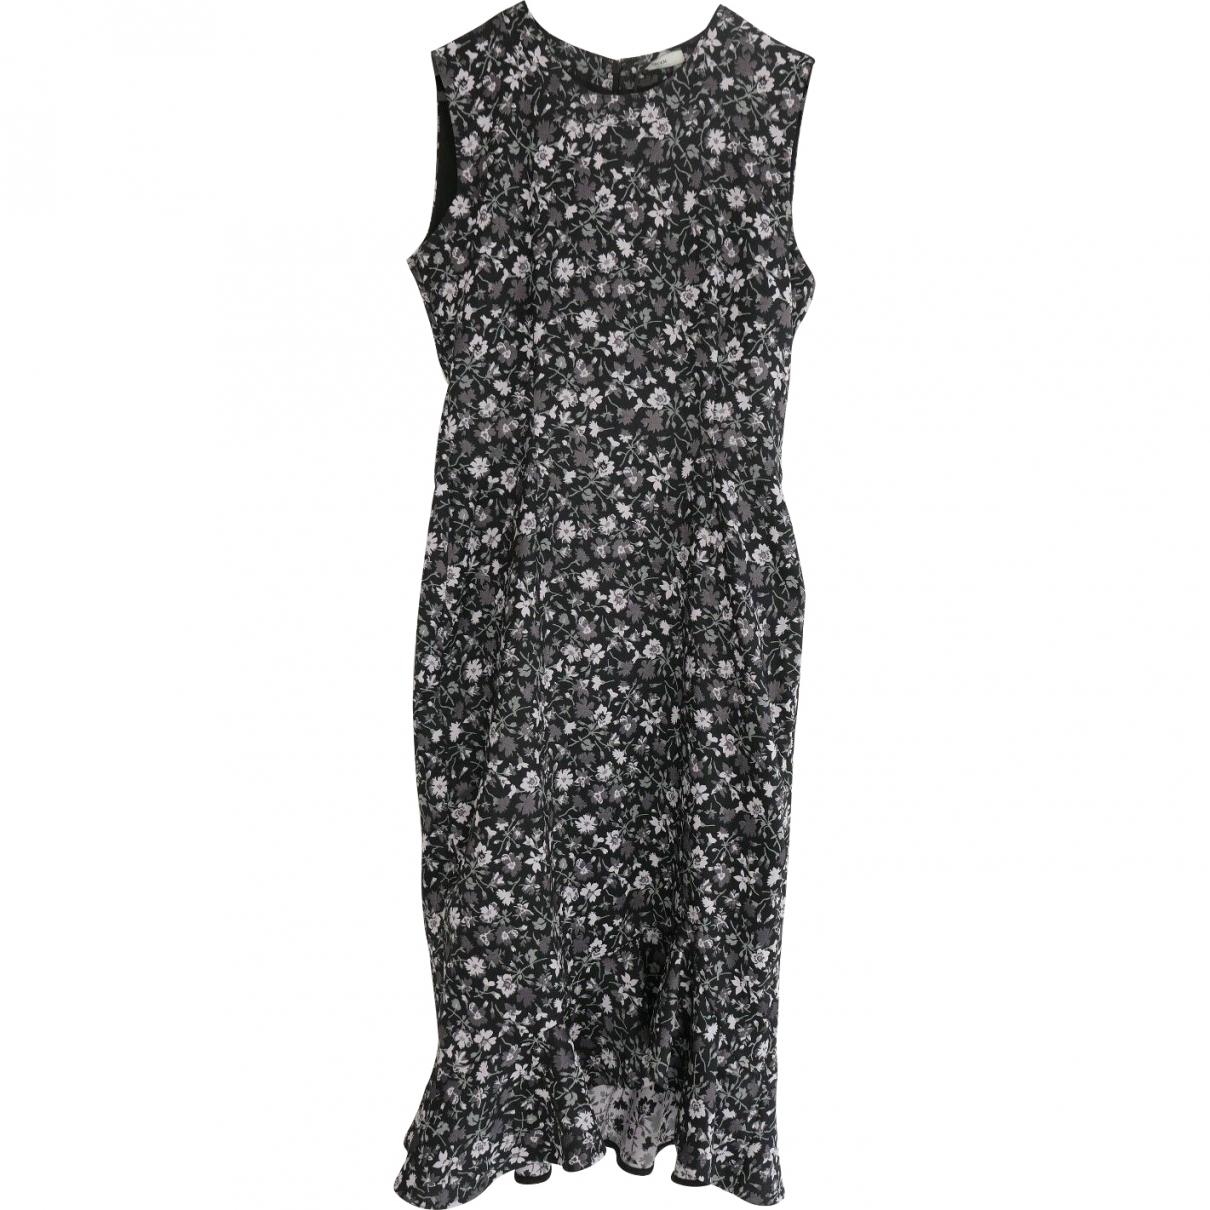 Erdem \N Black dress for Women 12 UK